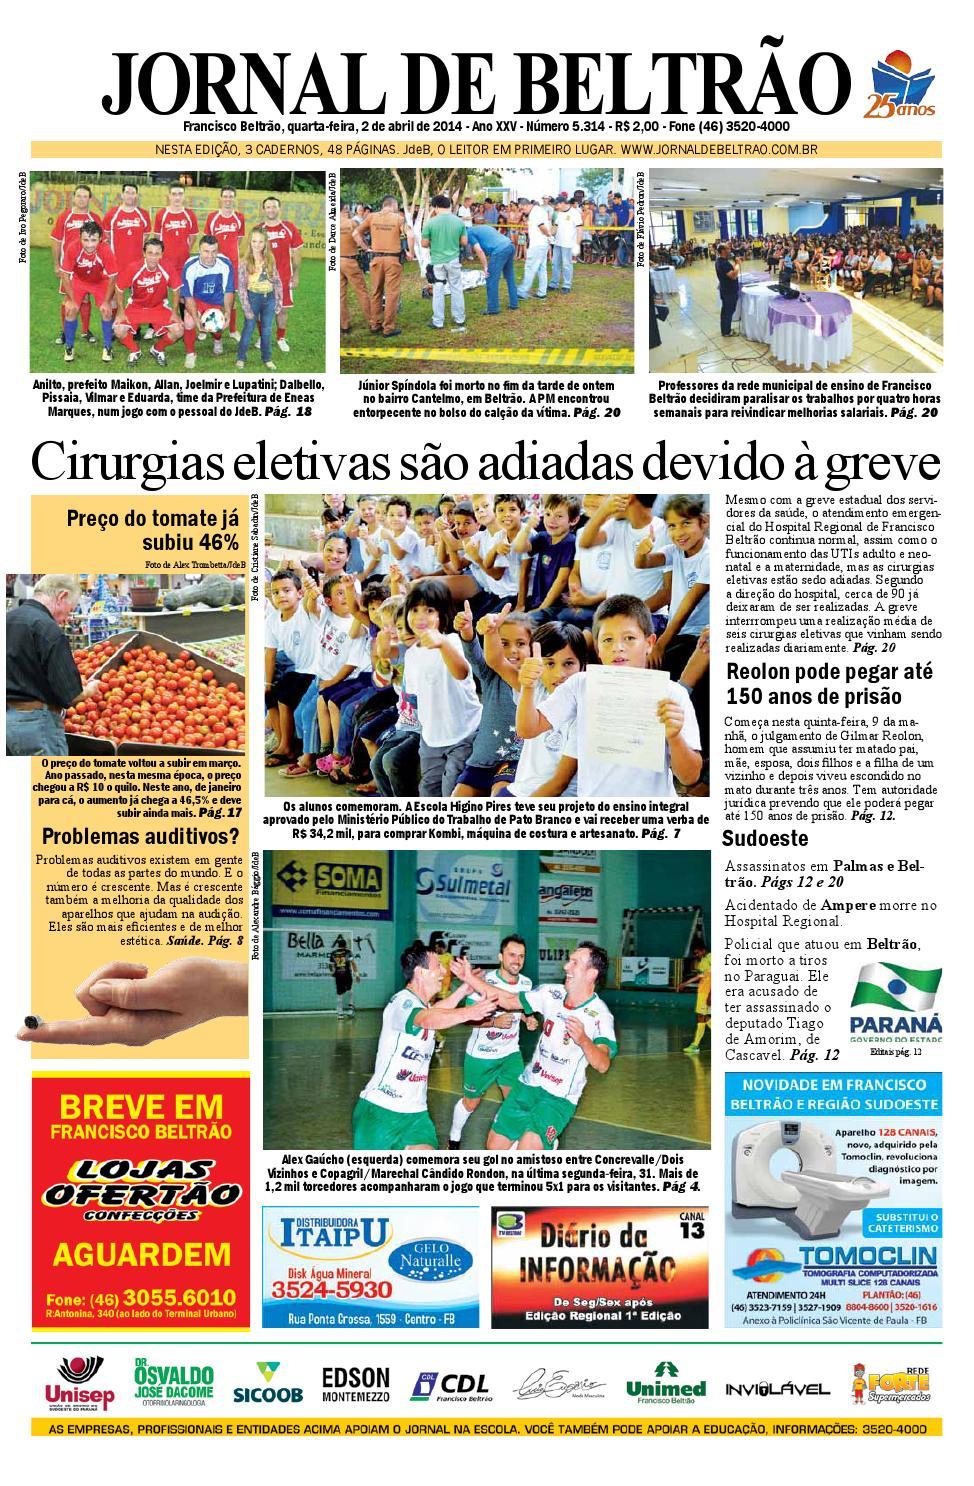 e974a552a6 jornaldebeltrão 5314 2014-02-04.pdf by Orangotoe - issuu